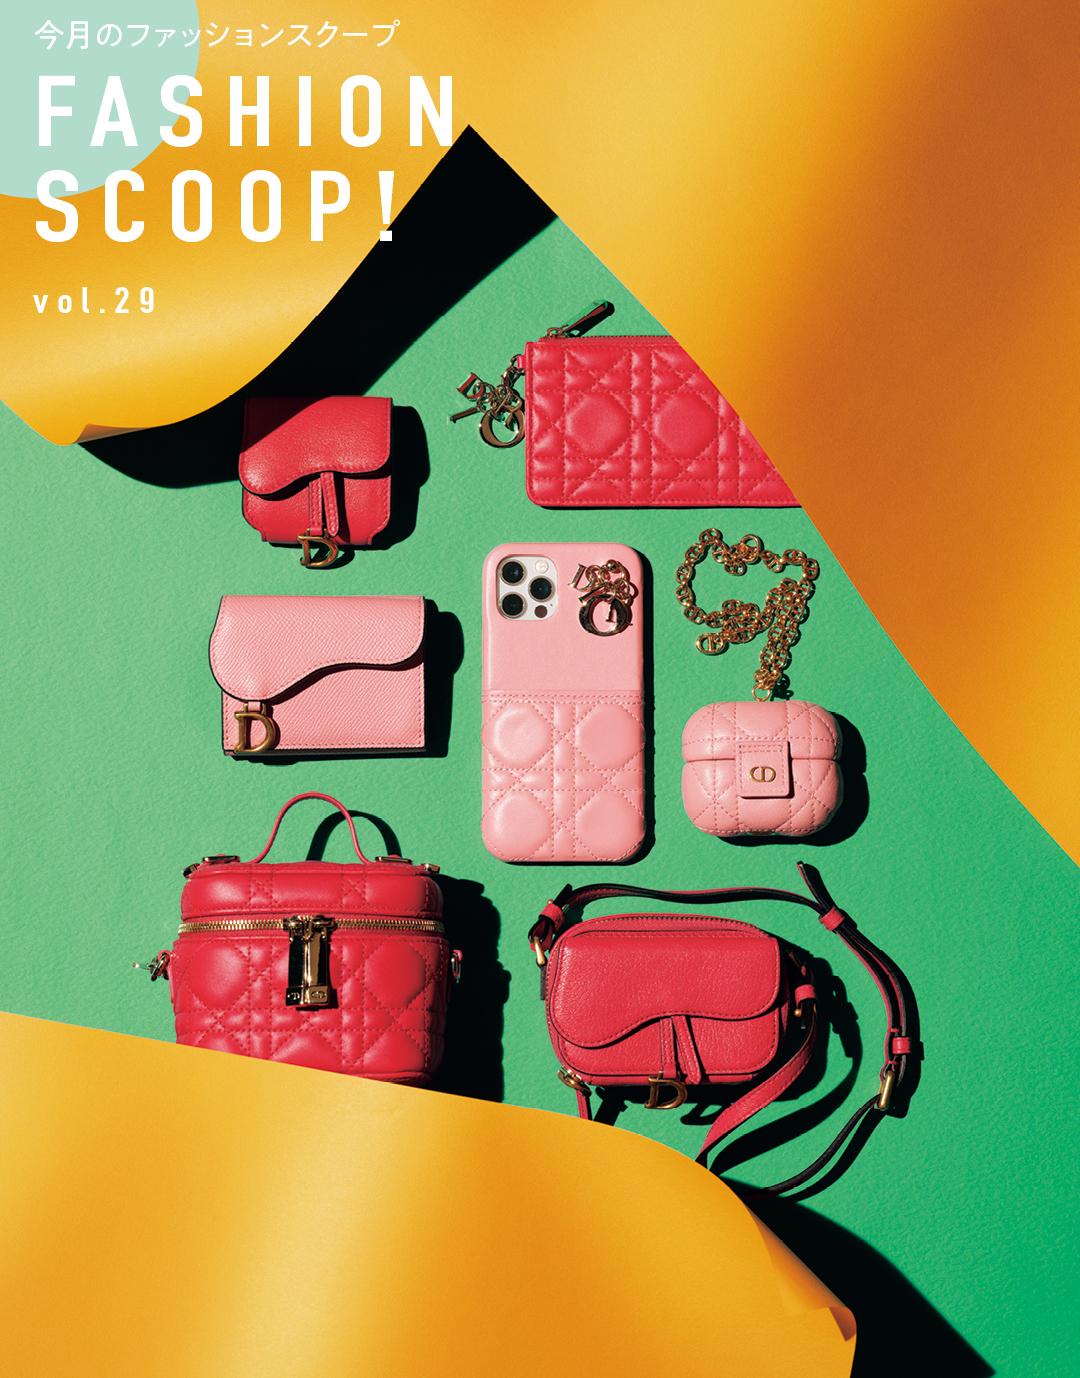 今月のファッションスクープ FASHION SCOOP! vol.29